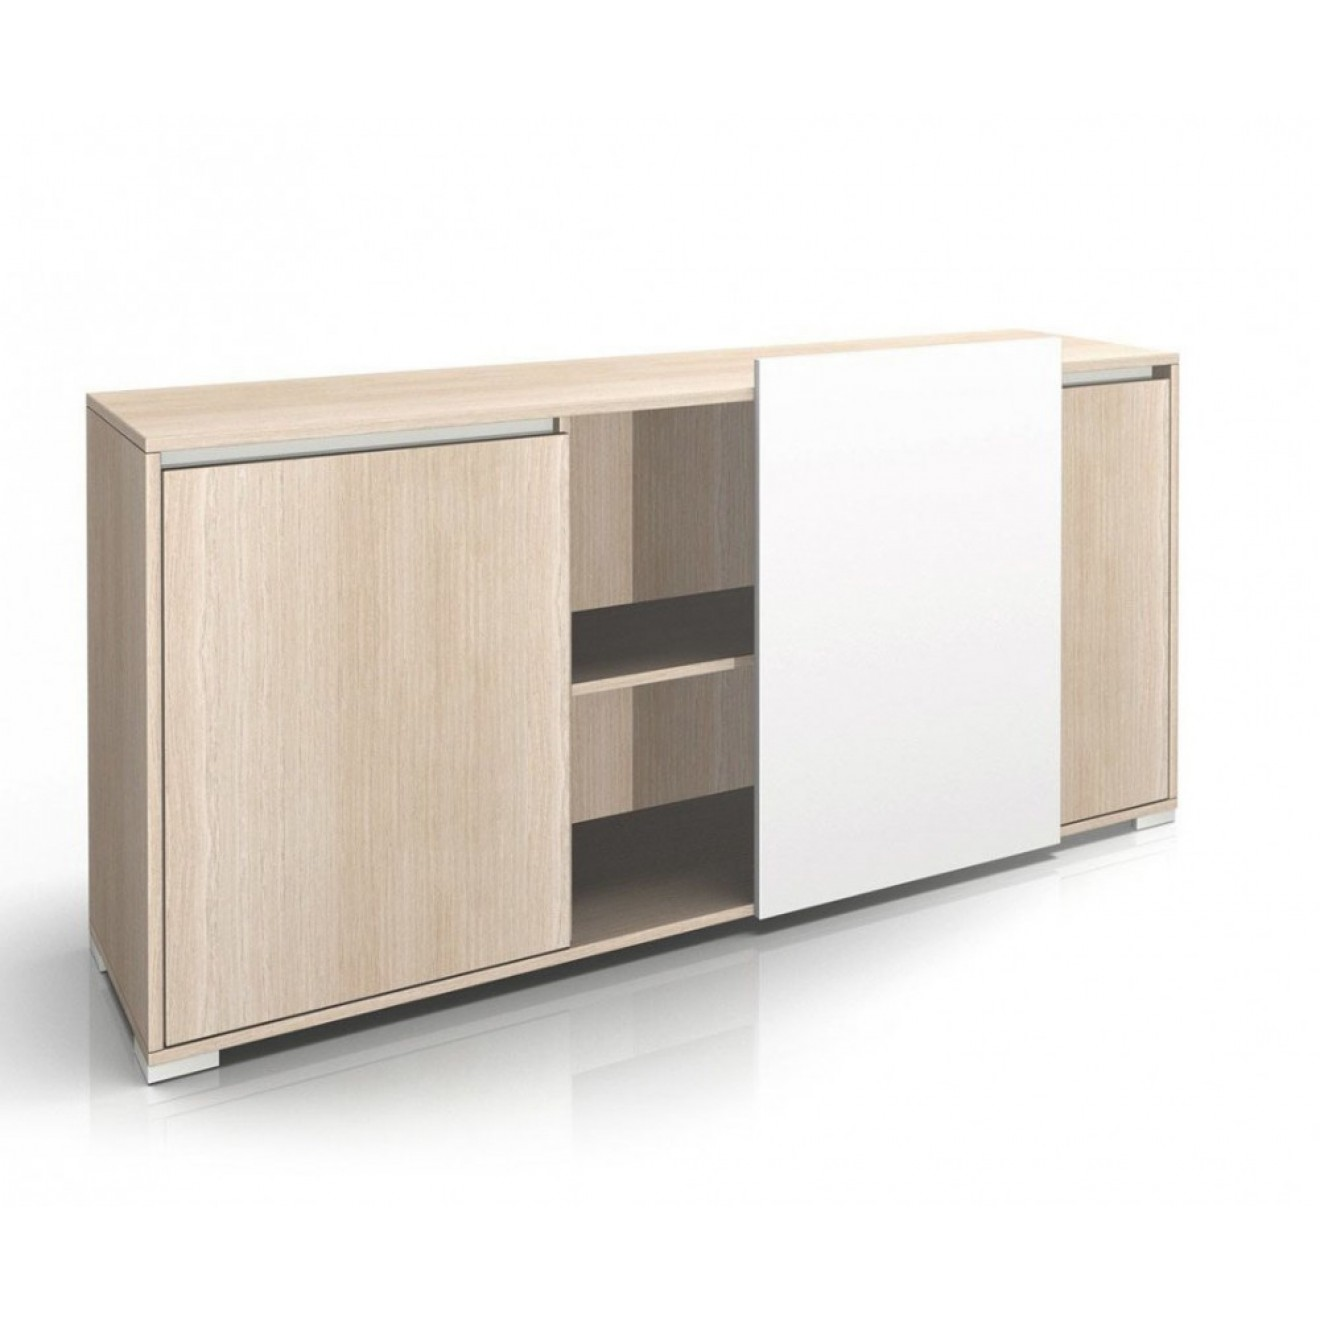 palmberg select sideboard se m2 1760 s. Black Bedroom Furniture Sets. Home Design Ideas